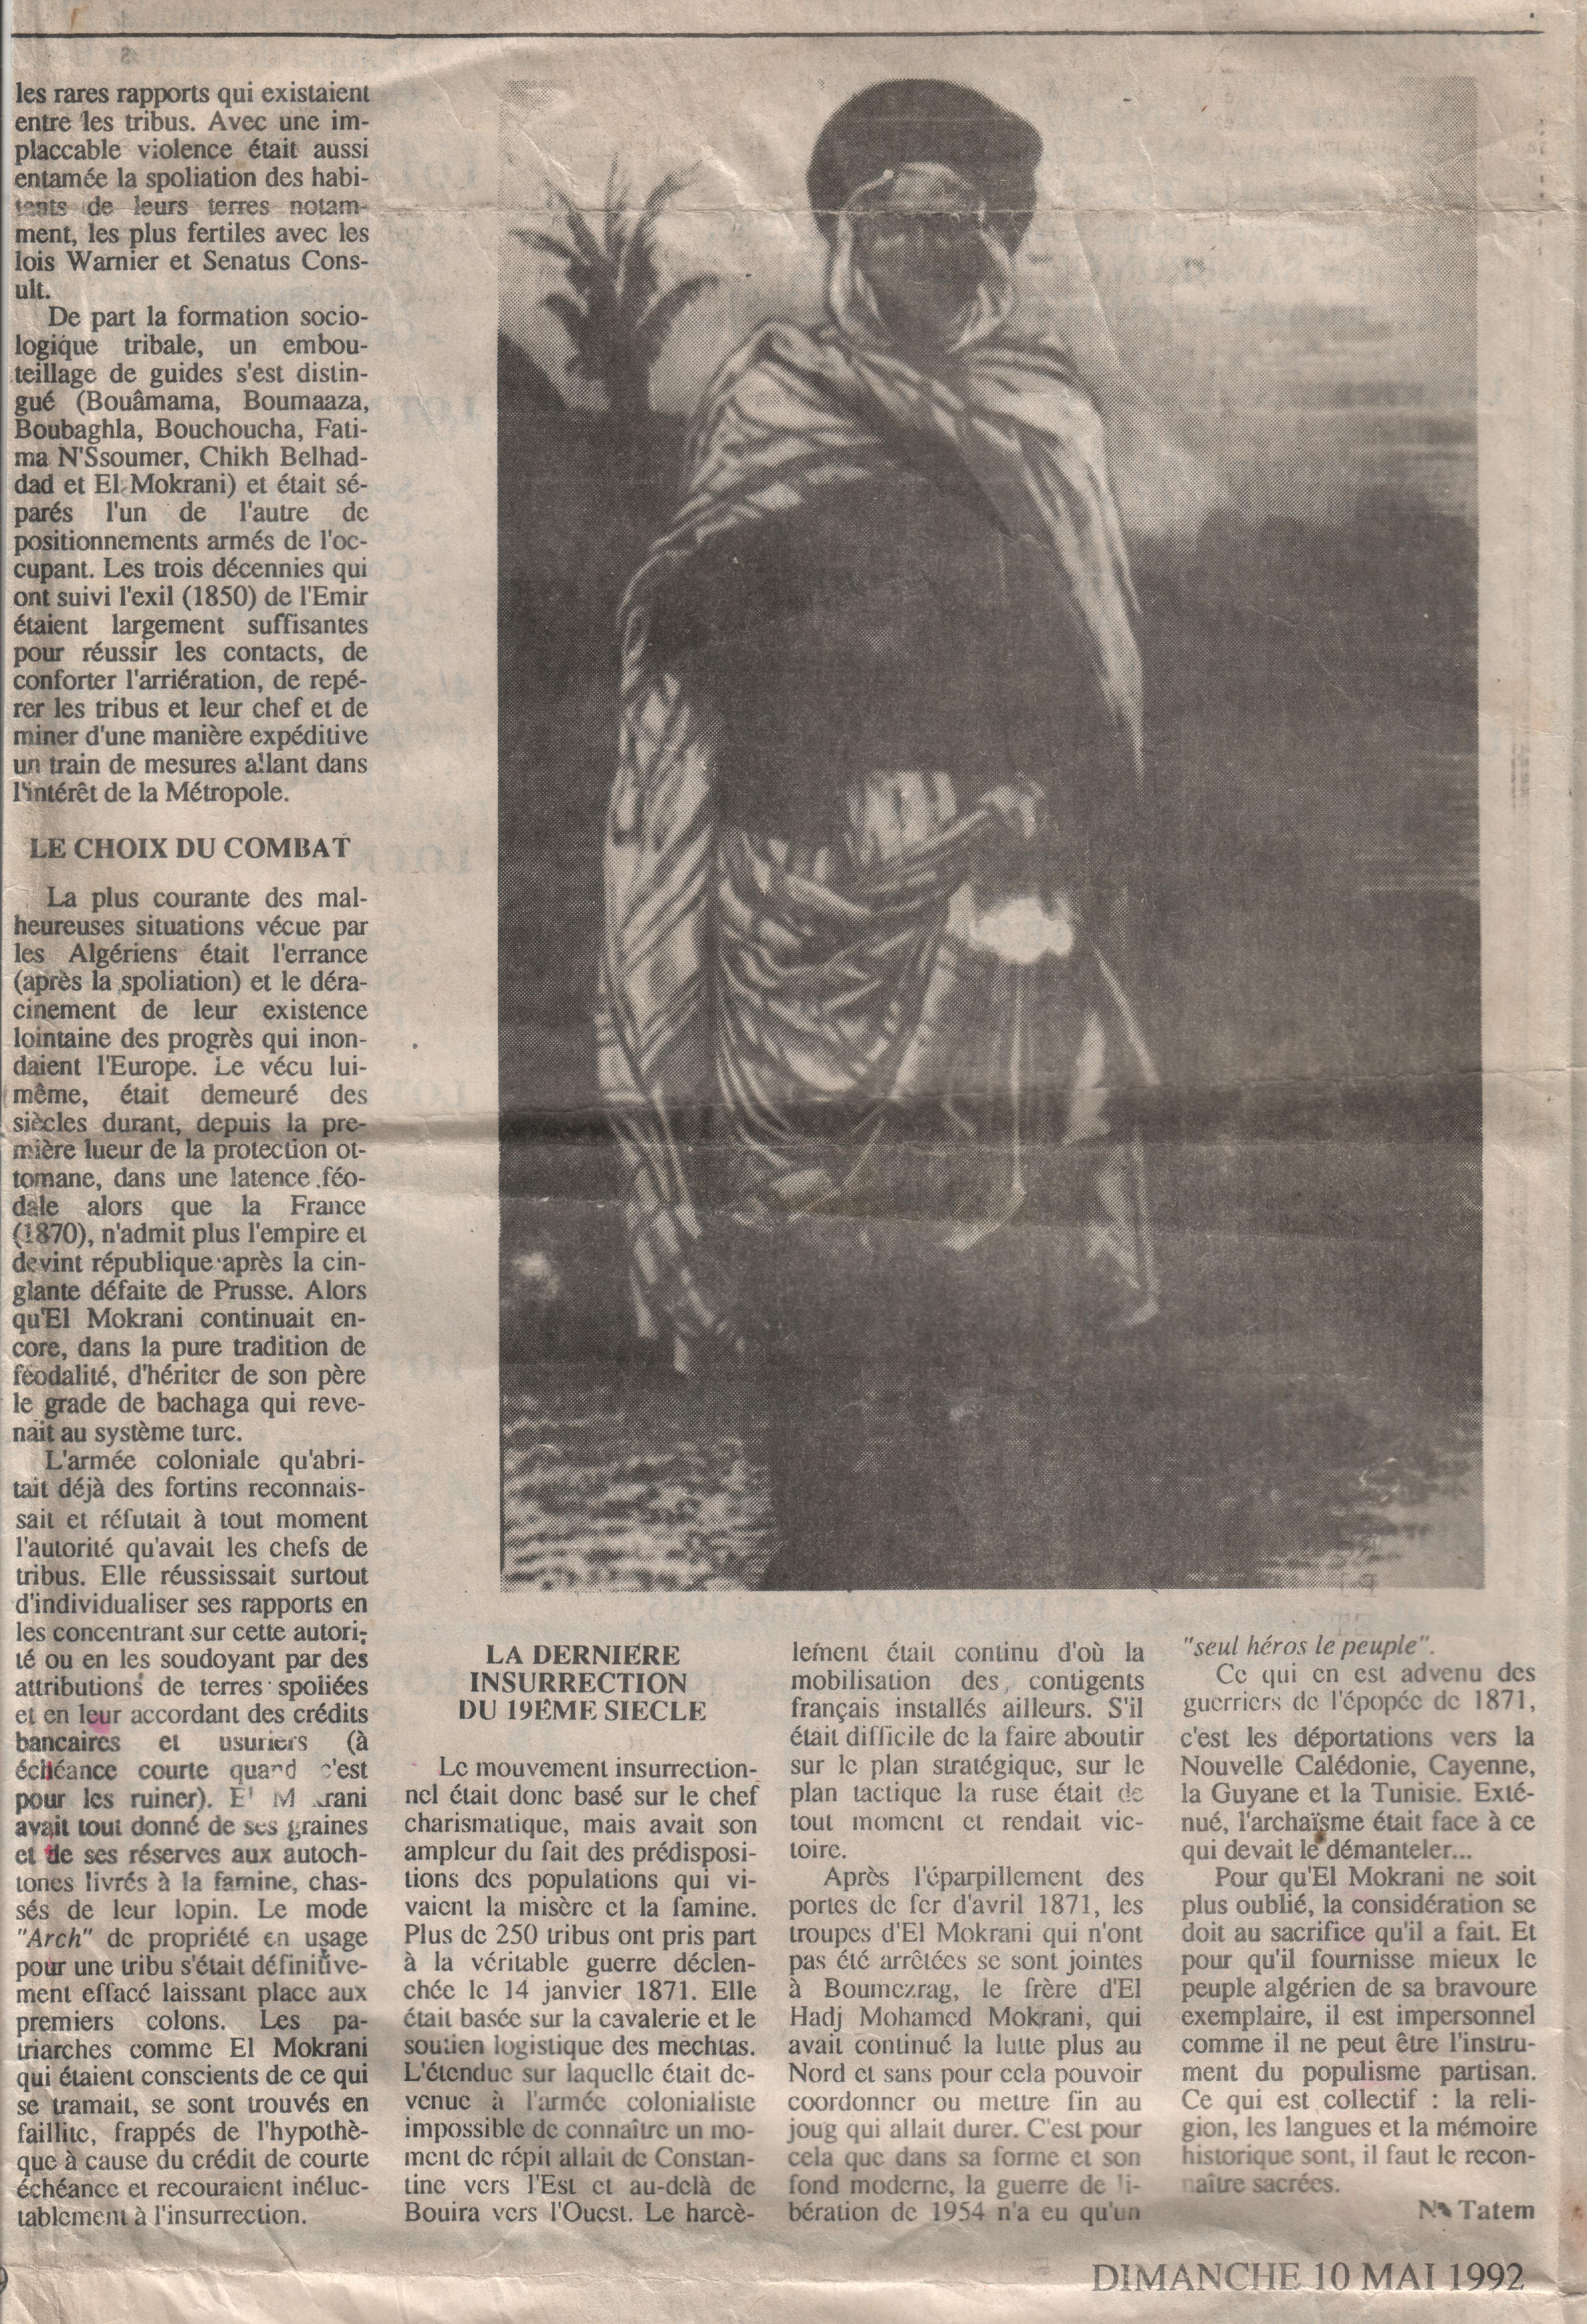 Article de N.E. Tatem sur Alger-Républicain (1992) sur El-Mokrani. 2ème partie